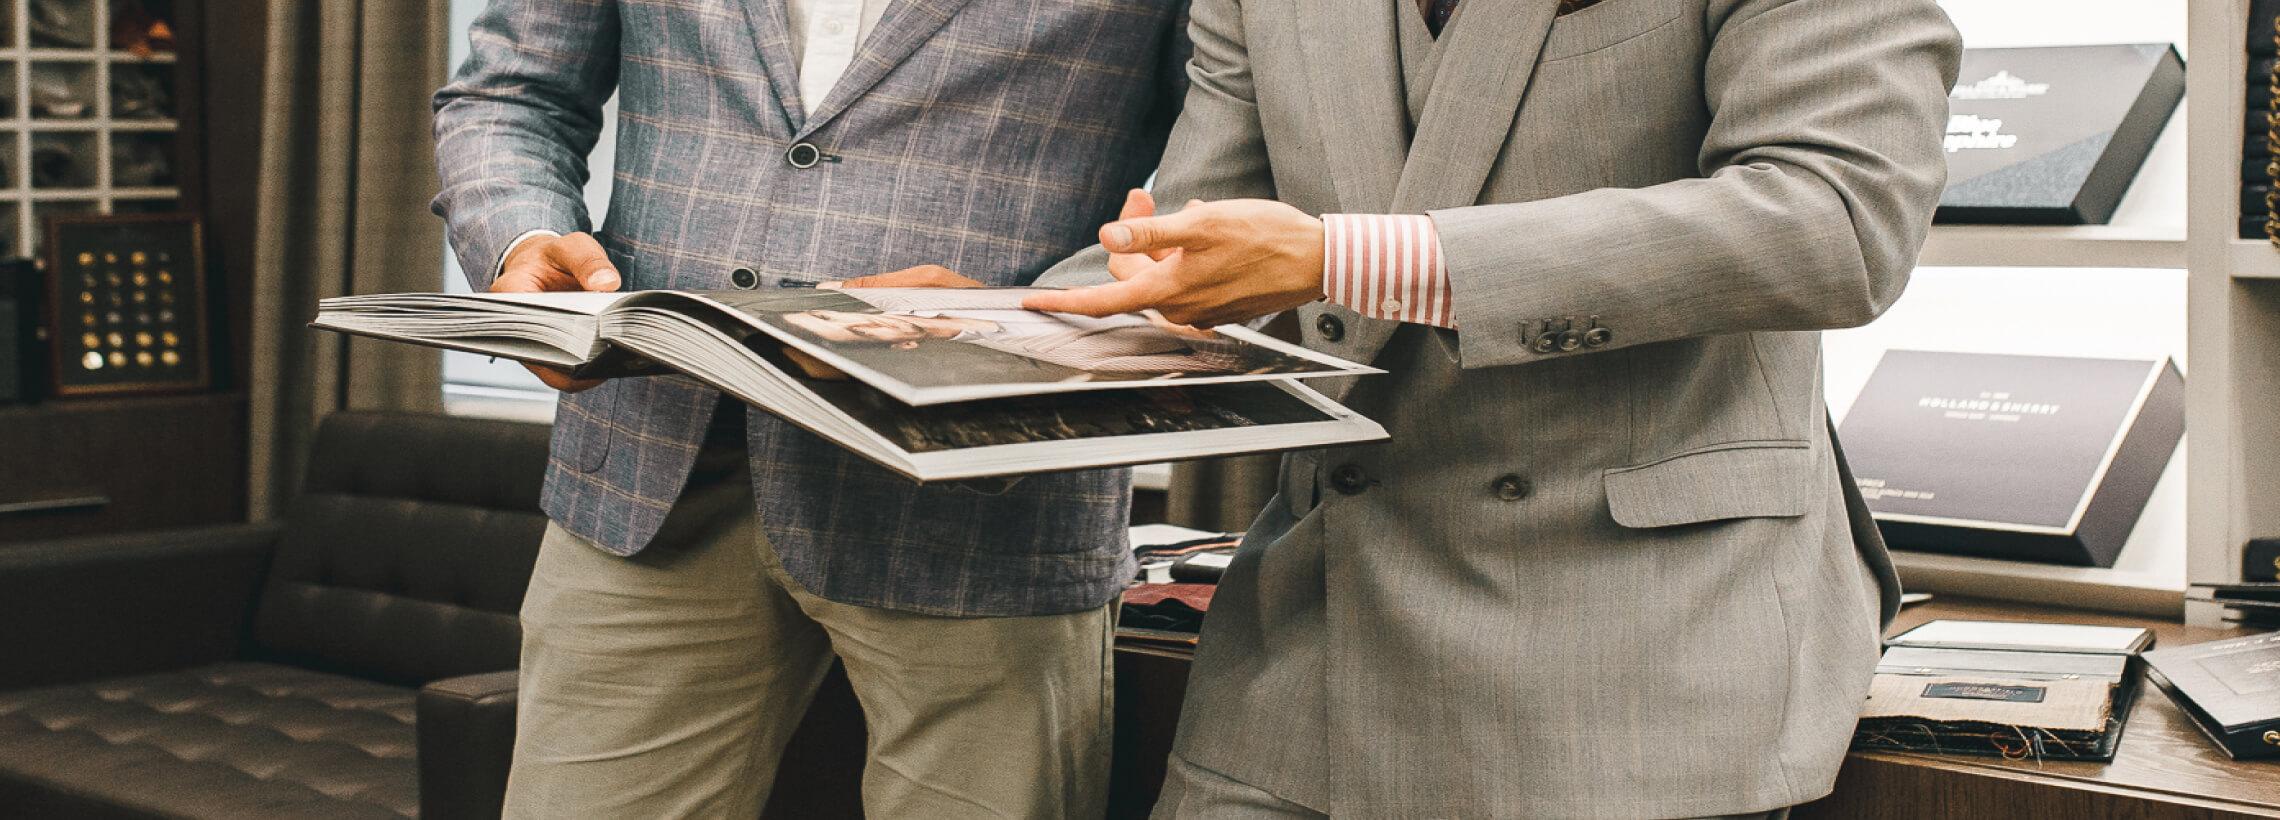 Элитная одежда высокого качества, созданная по технологии Bespoke Tailoring